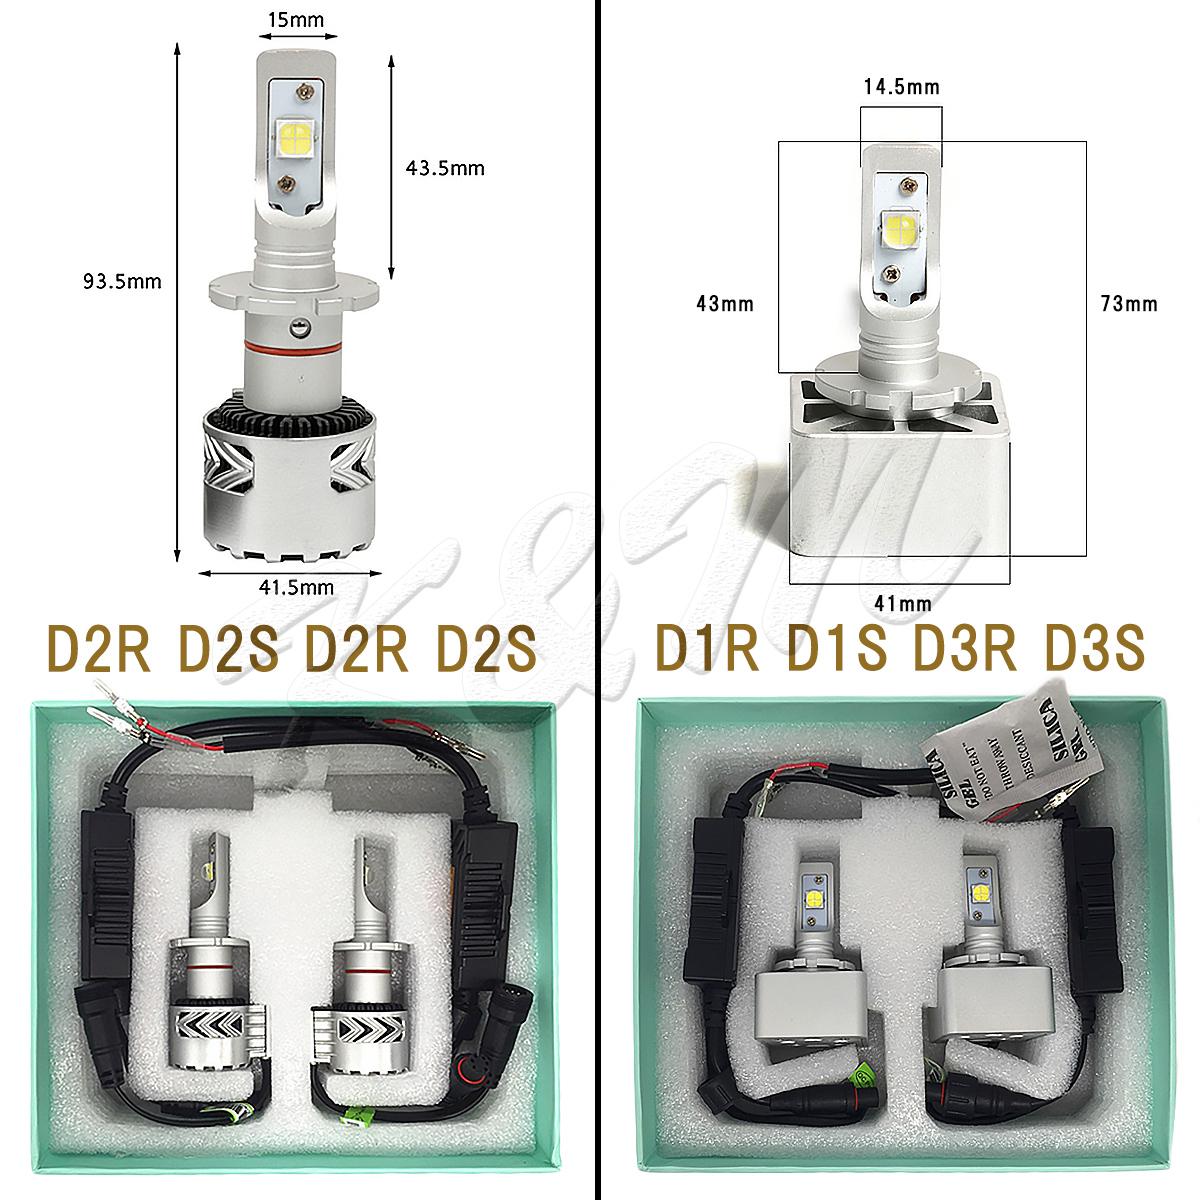 LEDヘッドライト LED D2C D2R D2S D4C D4R D4S D1C D1R D1S D3C D3R D3S CREE 6500K(車検対応) 2個入り 6000LM ヘッドライト フォグランプ 12V 24V 輸入車対応 宅配便送料無料 1年保証 K&M